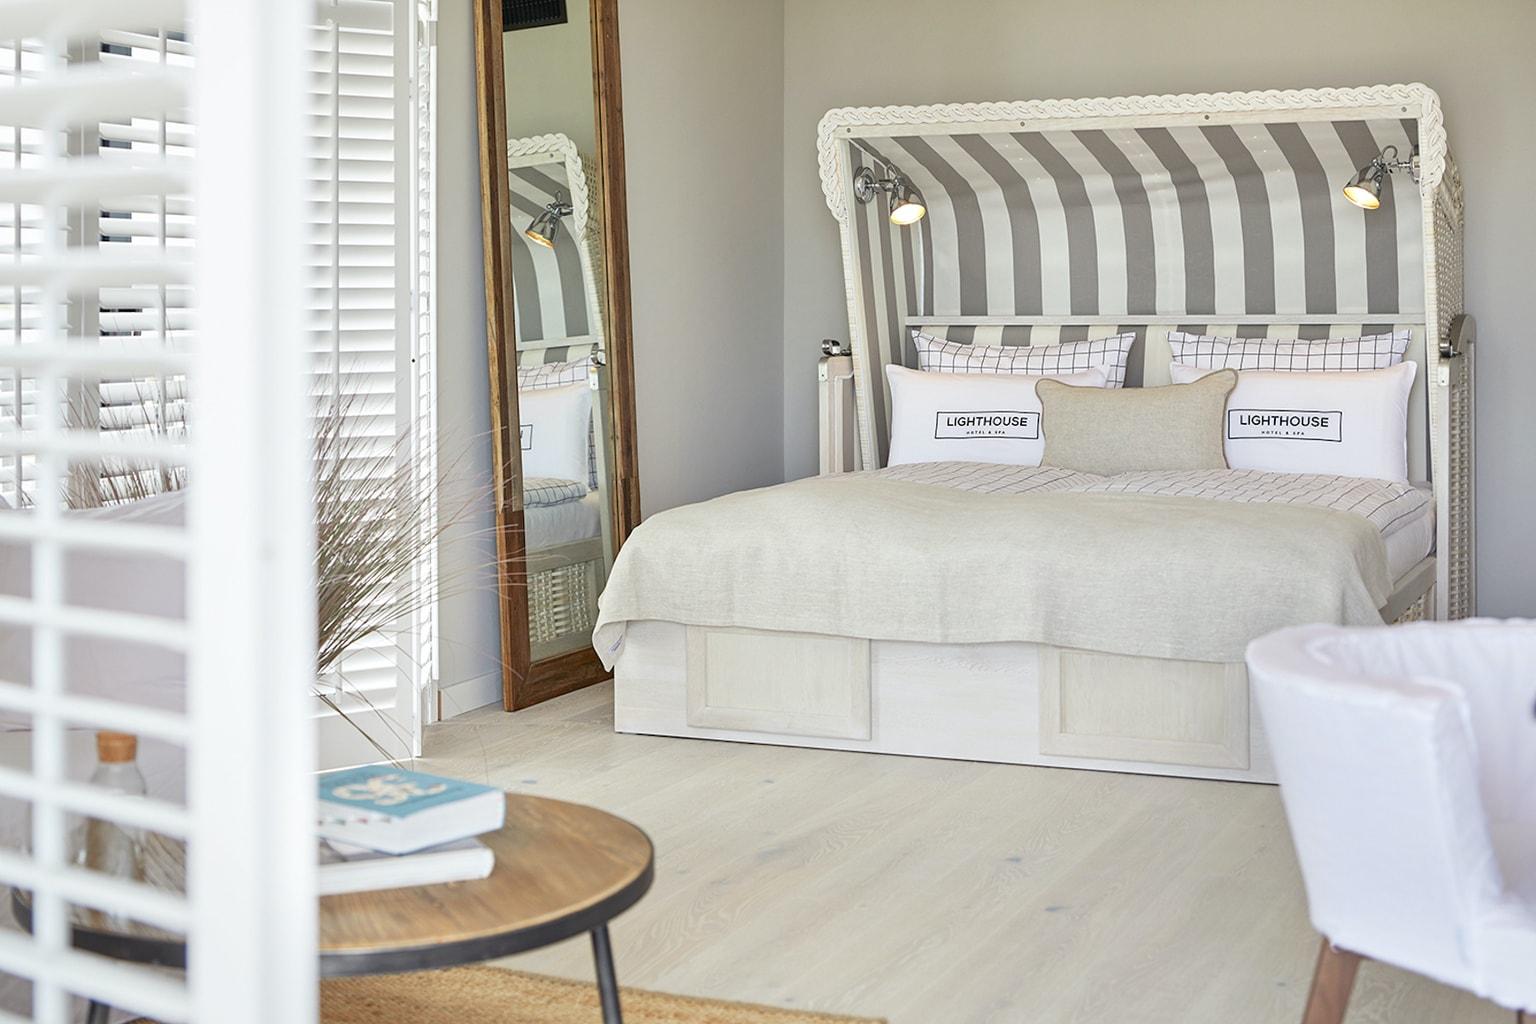 Suite in Lighthouse Hotel met bedden die er als strandkorven uitzien